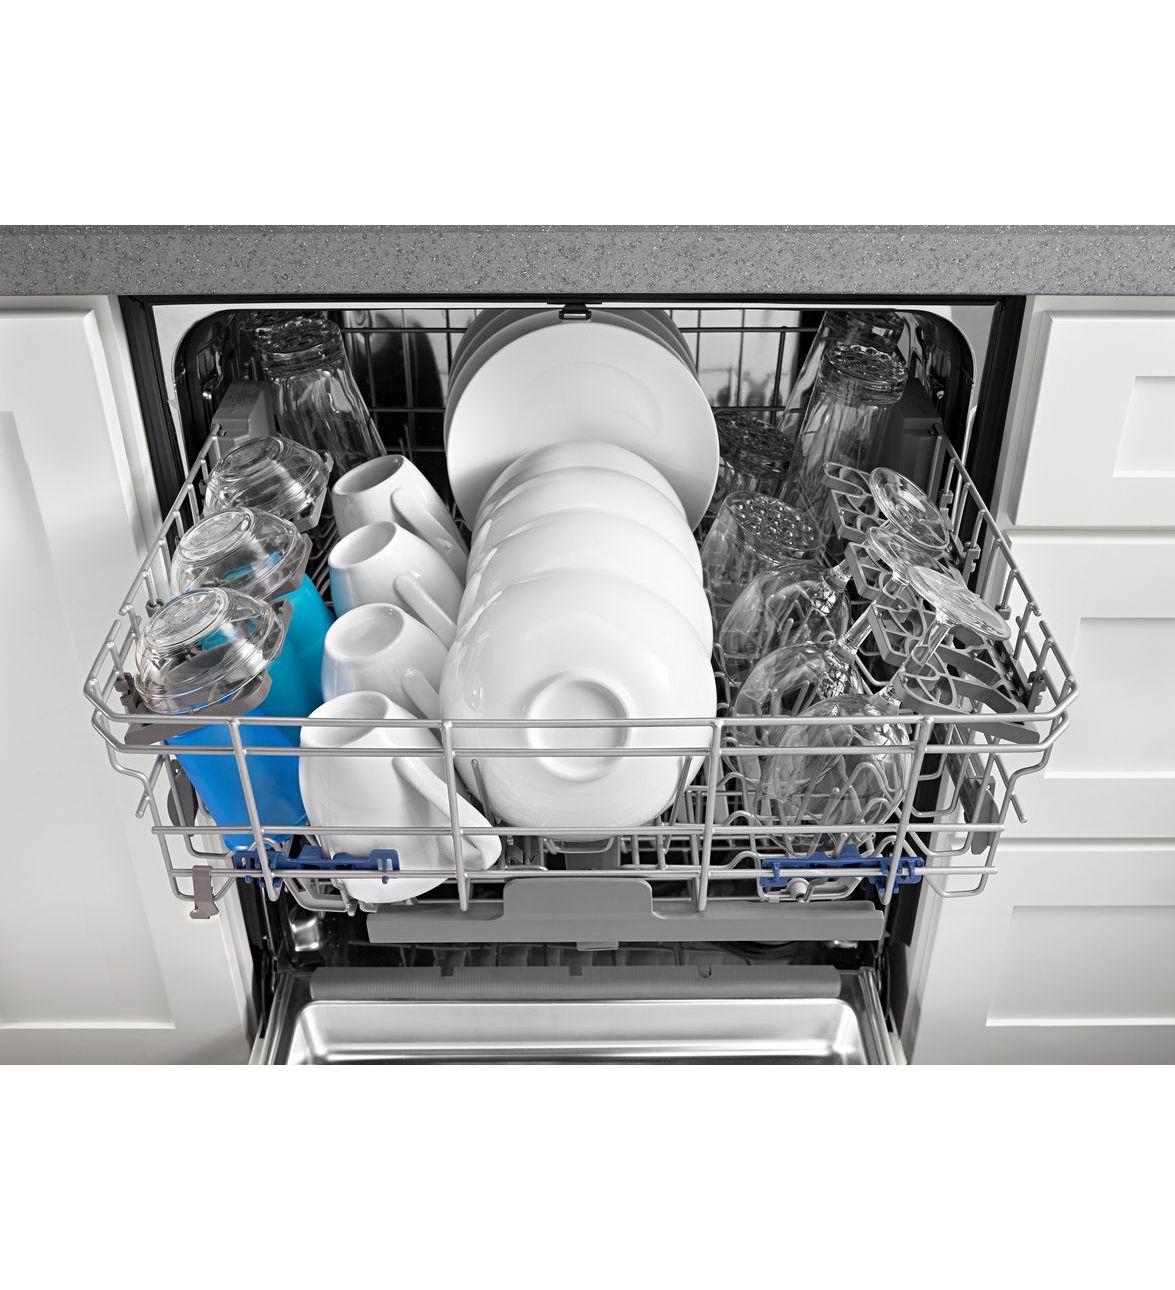 Lave-vaisselle Whirlpool® avec programme de lavage par détection